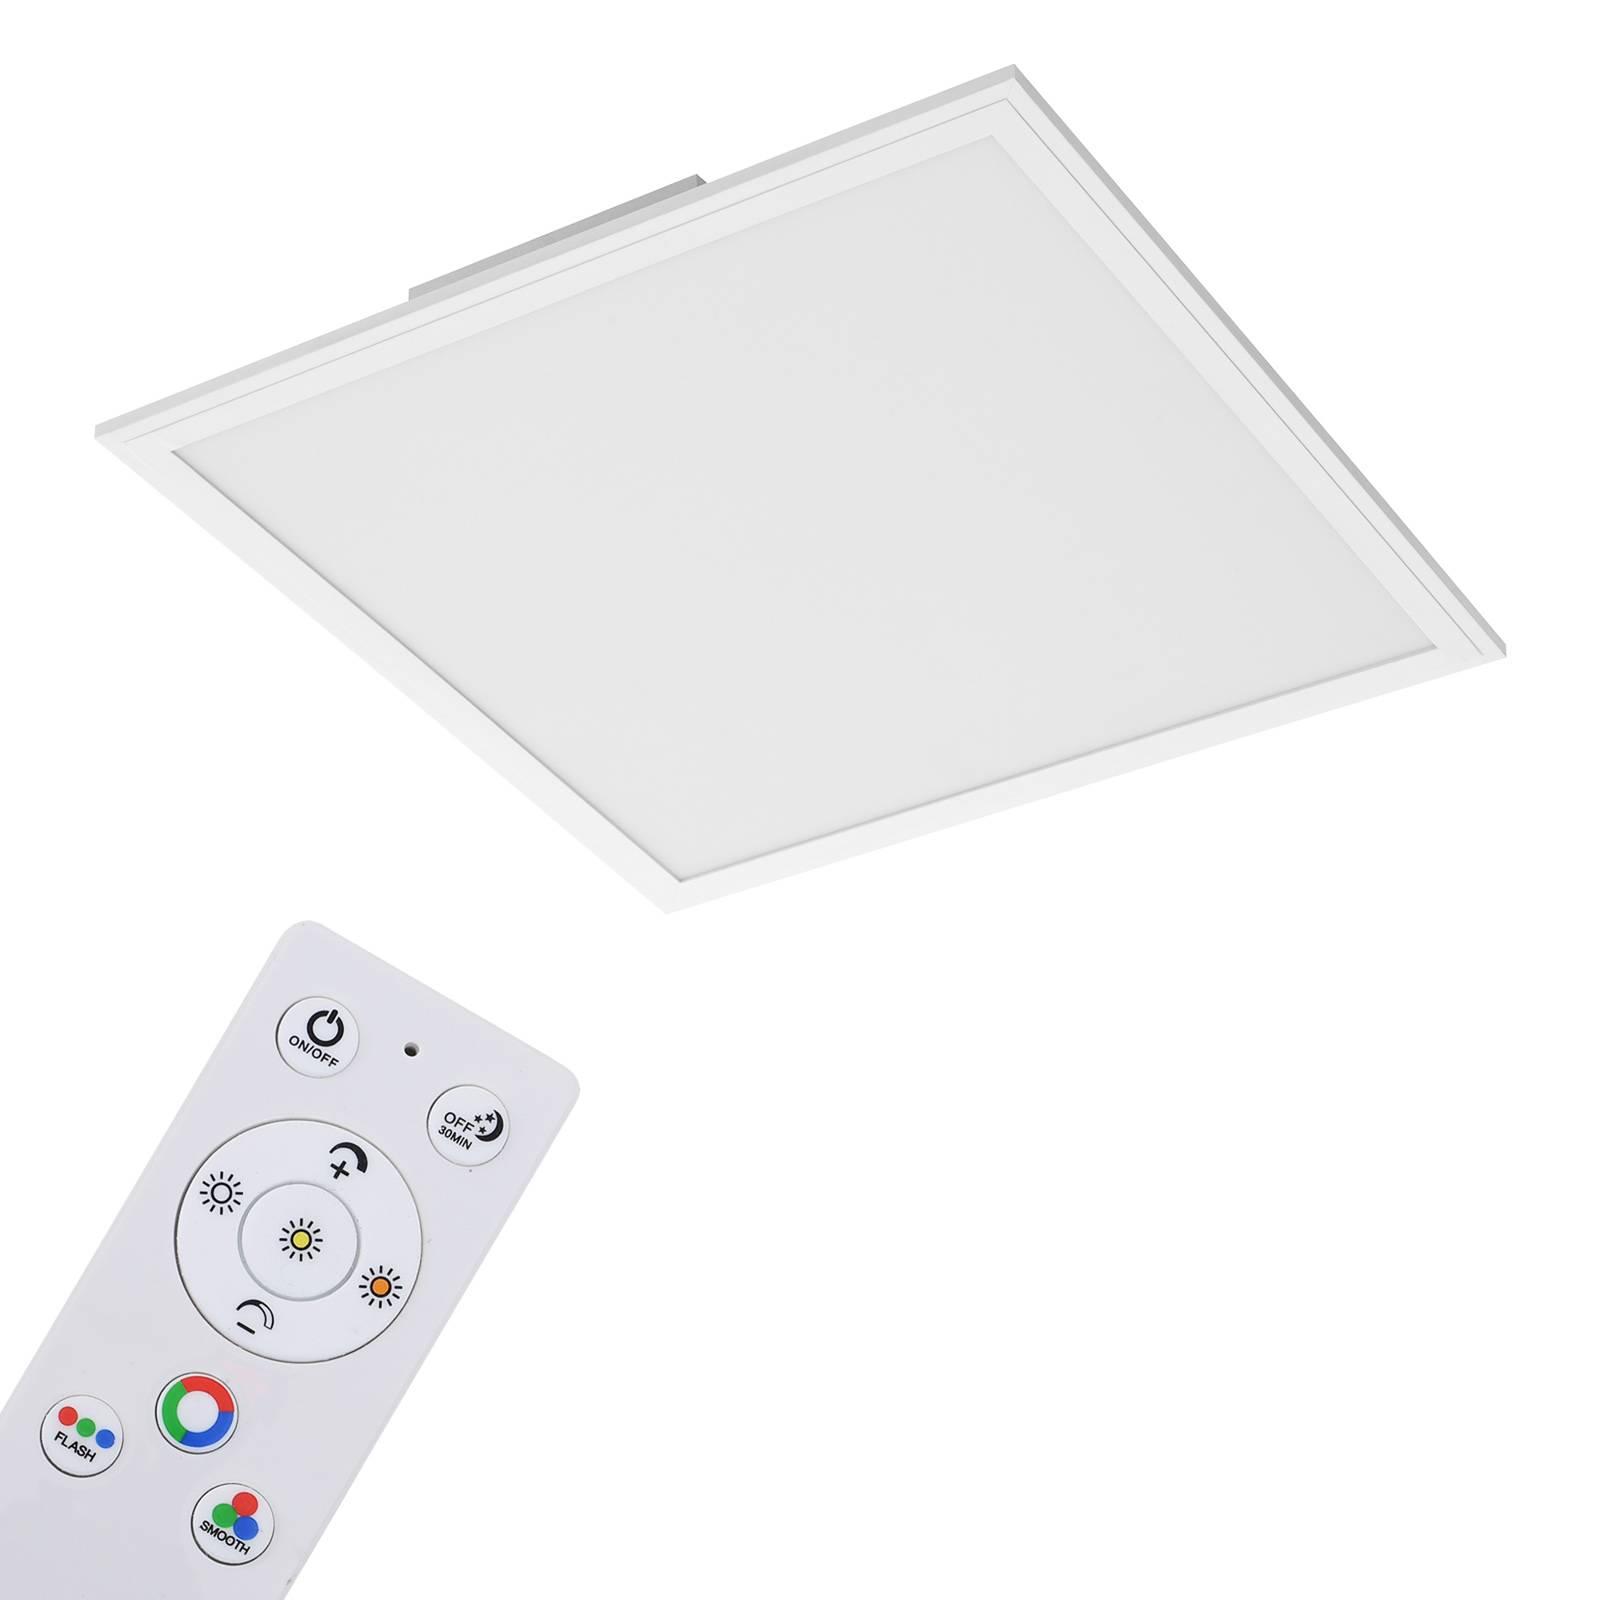 Billede af Colour LED-panel 45cm x 45cm m. fjernbetjening